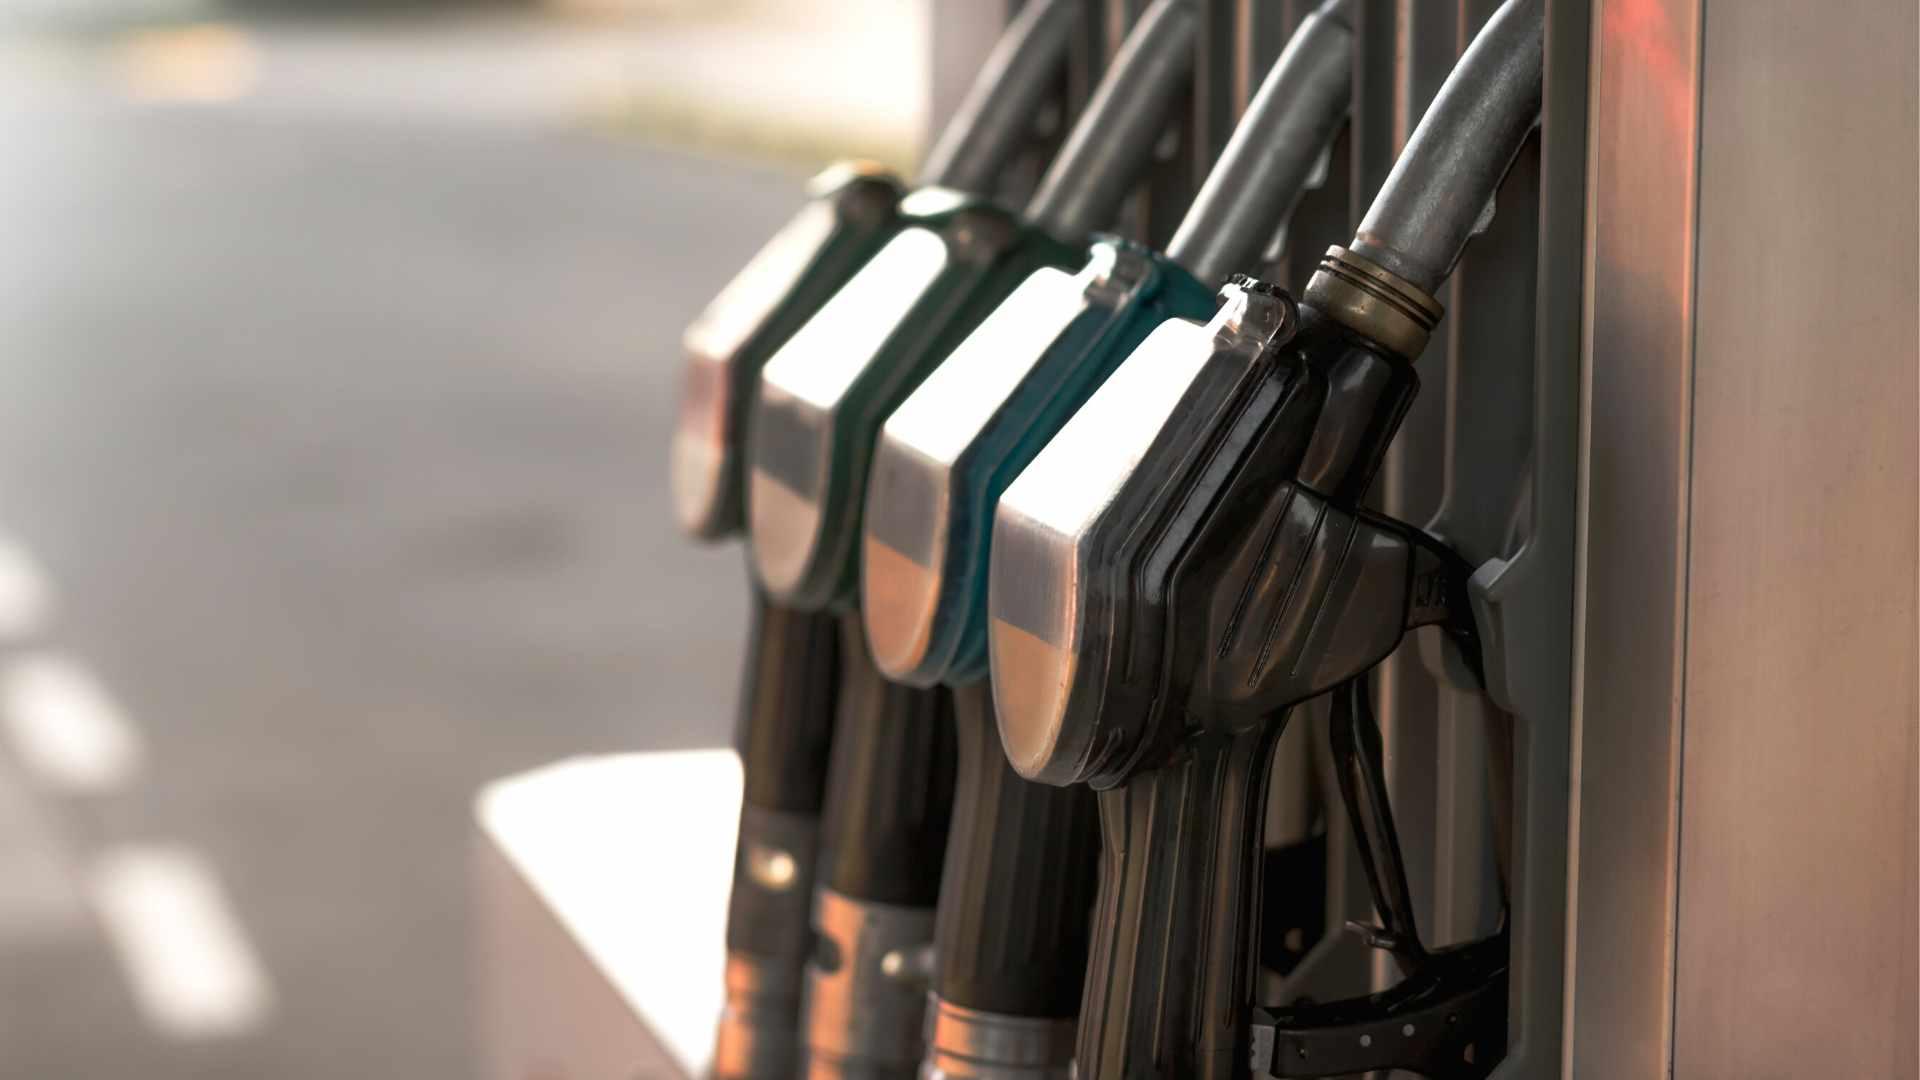 FIAP Valori indicativi di riferimento dei costi di esercizio. Dato del costo del gasolio del mese di marzo 2020